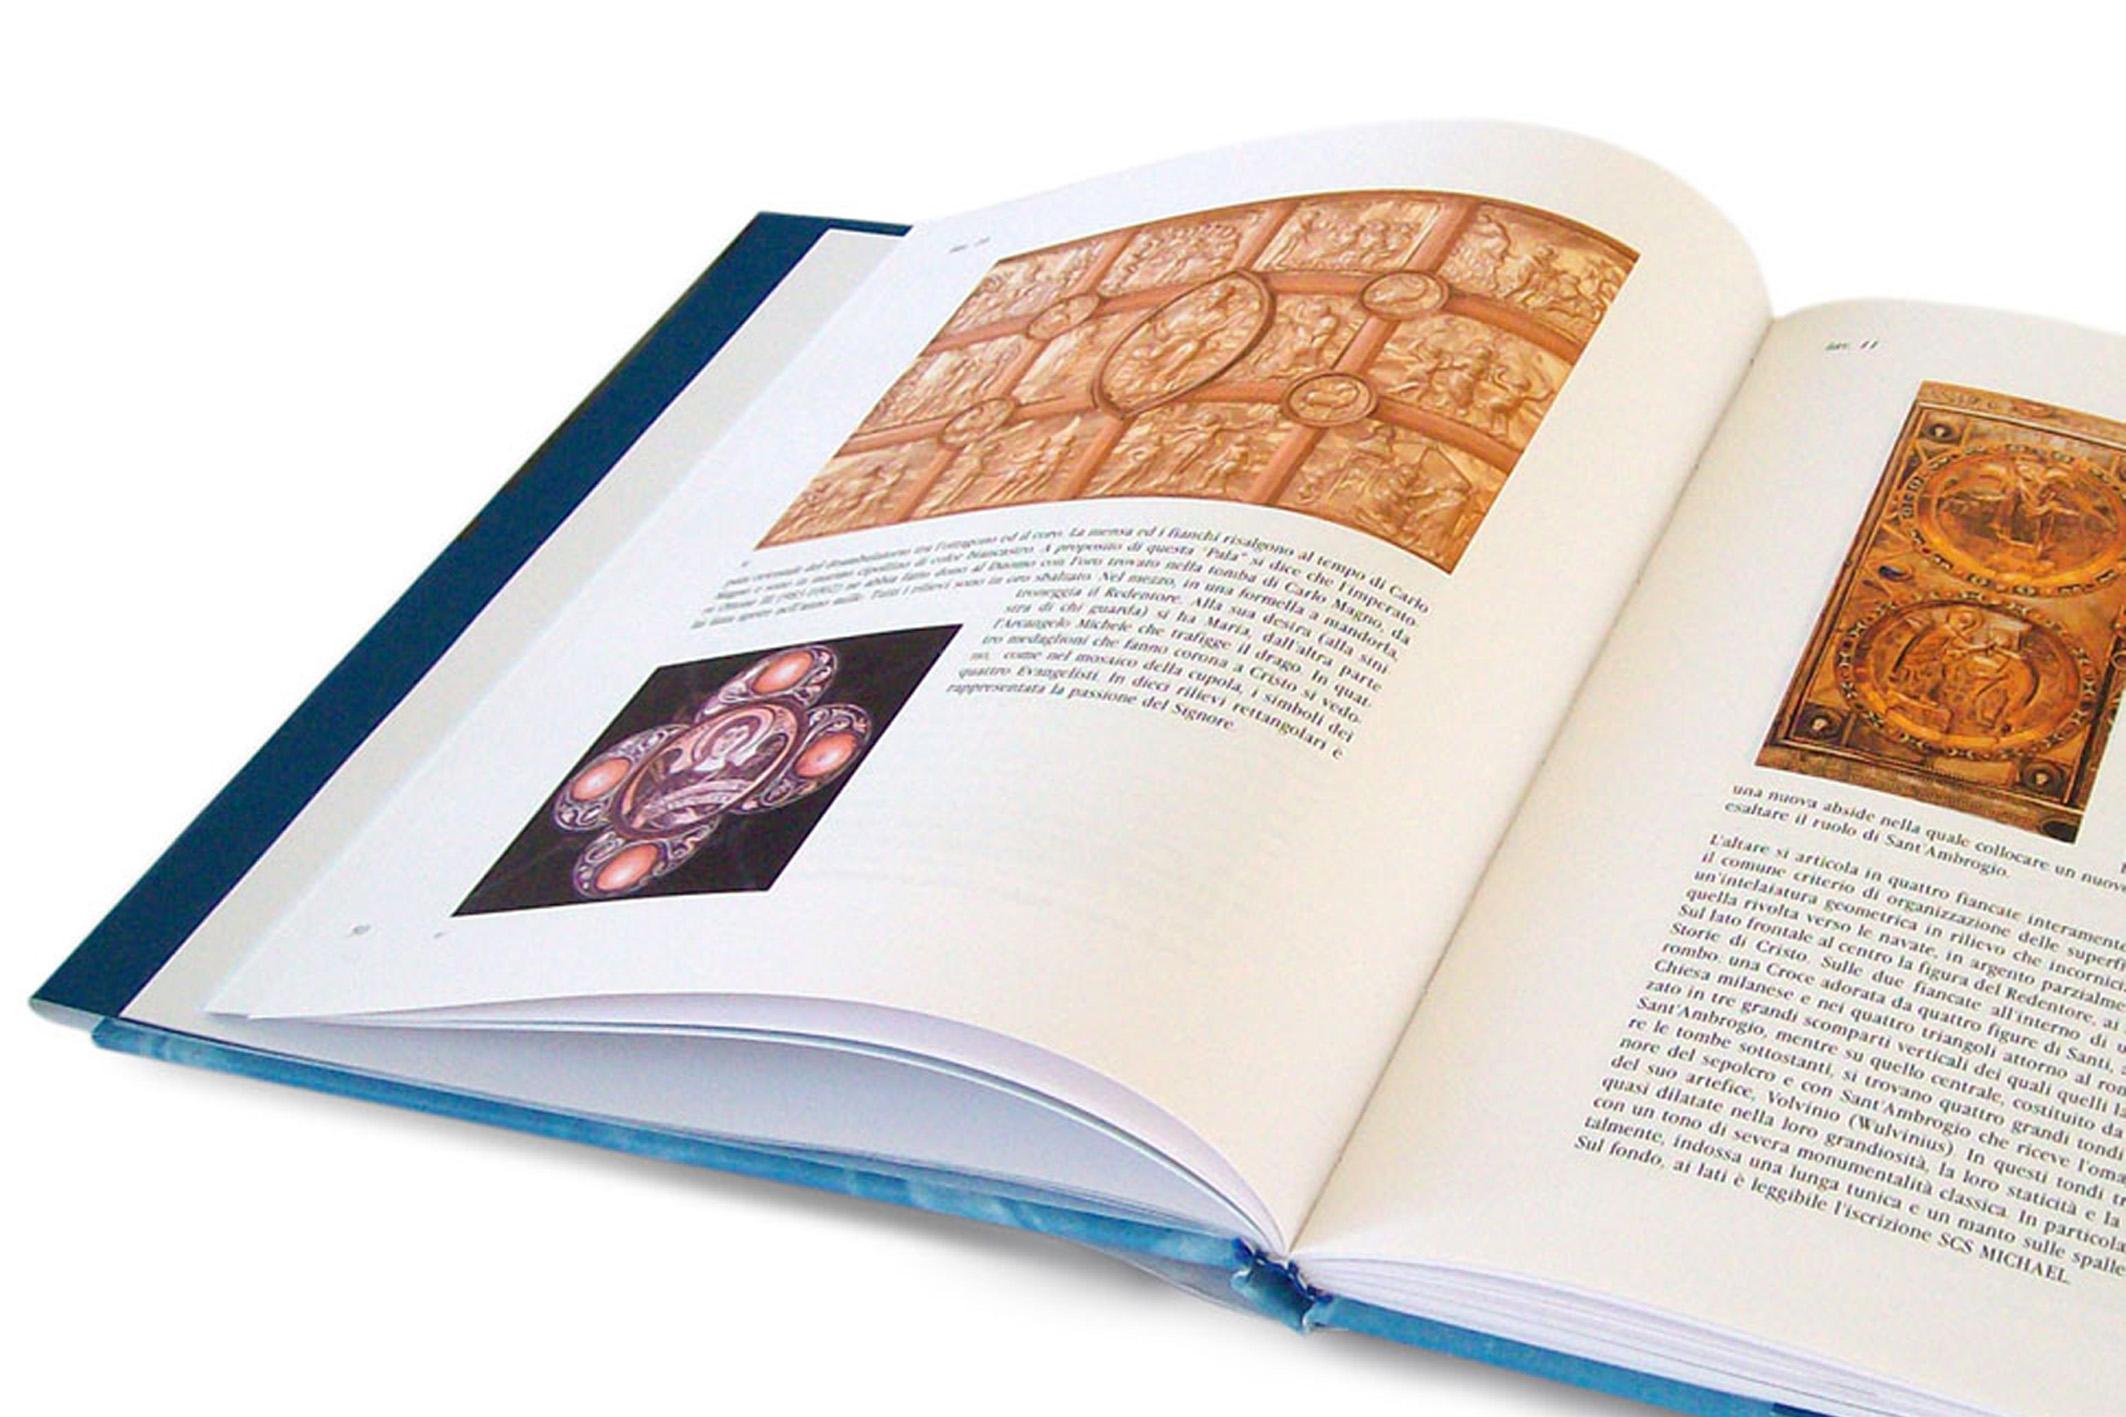 Editore-editoria-libri-libro-opuscoli-brochure-book